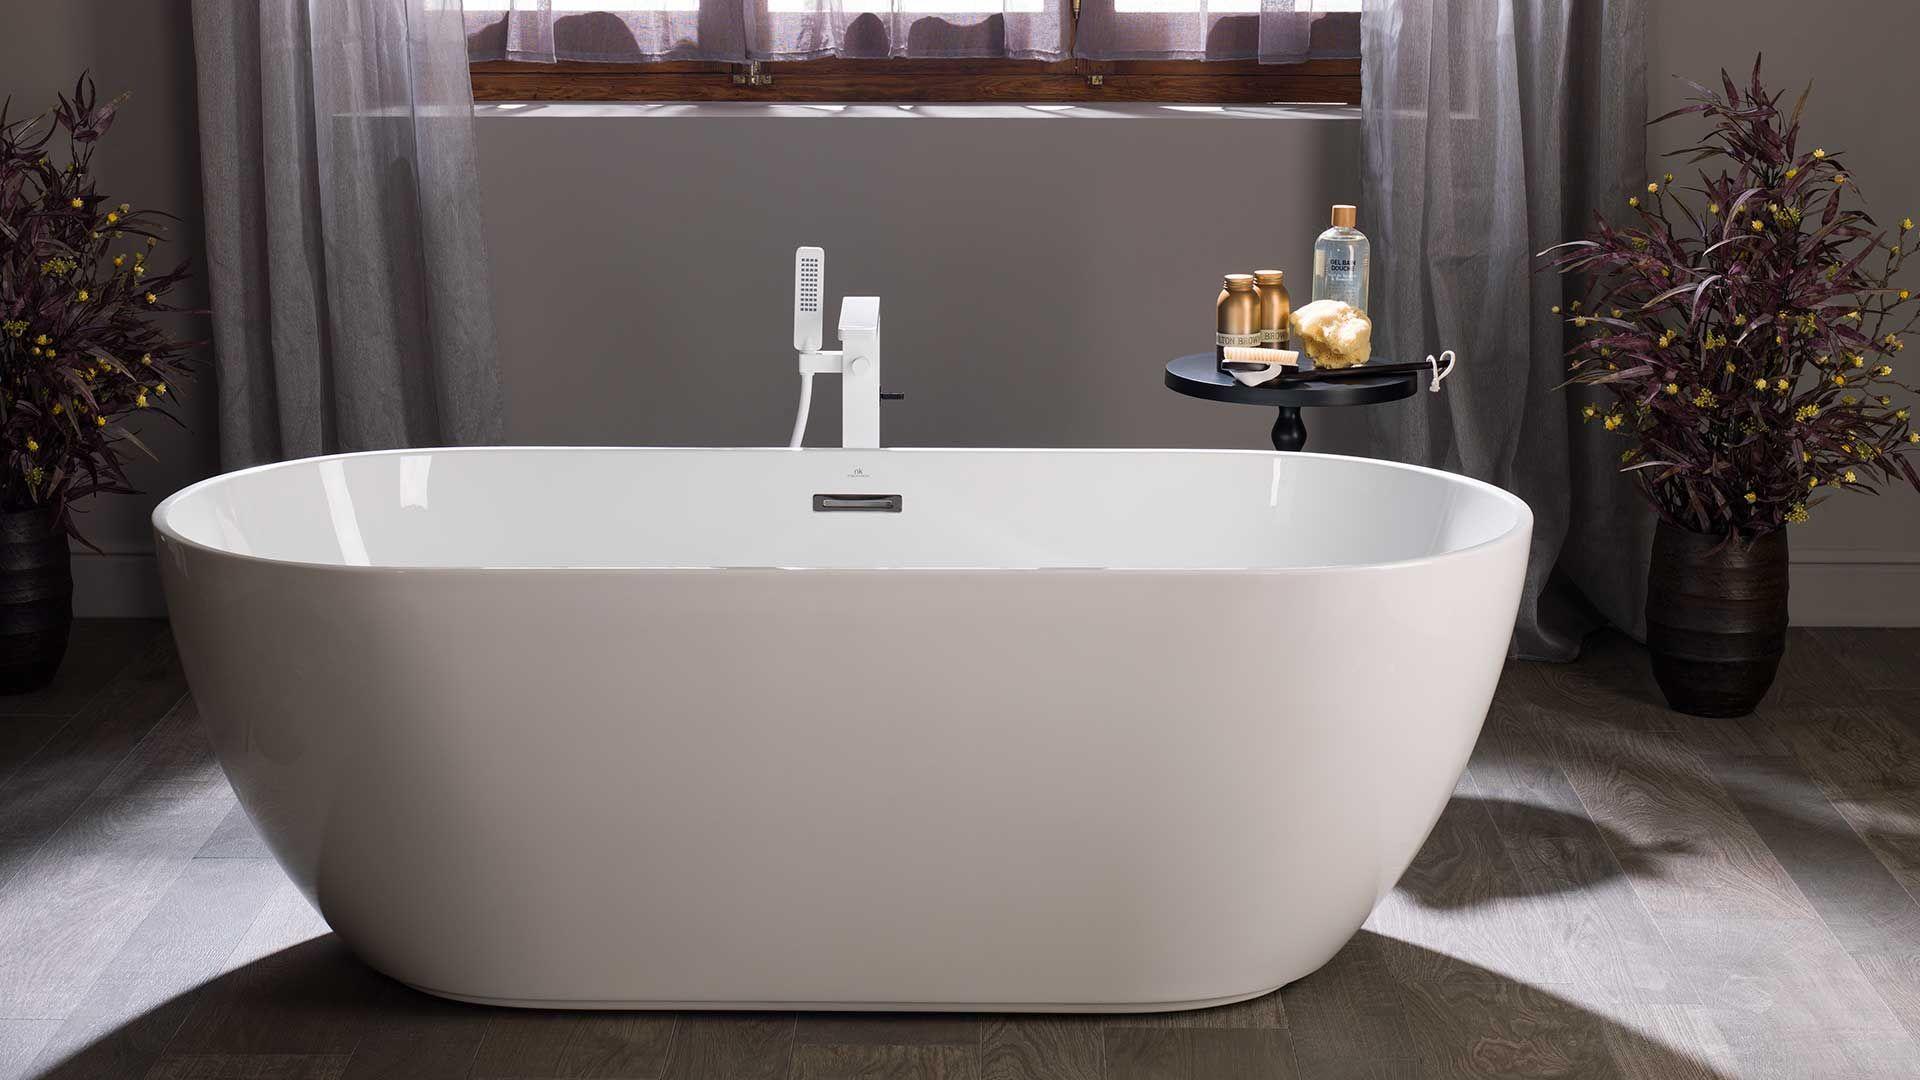 Vasca Da Bagno Di Rame : Vasche da bagno piccole vasche da bagno vasche da bagno